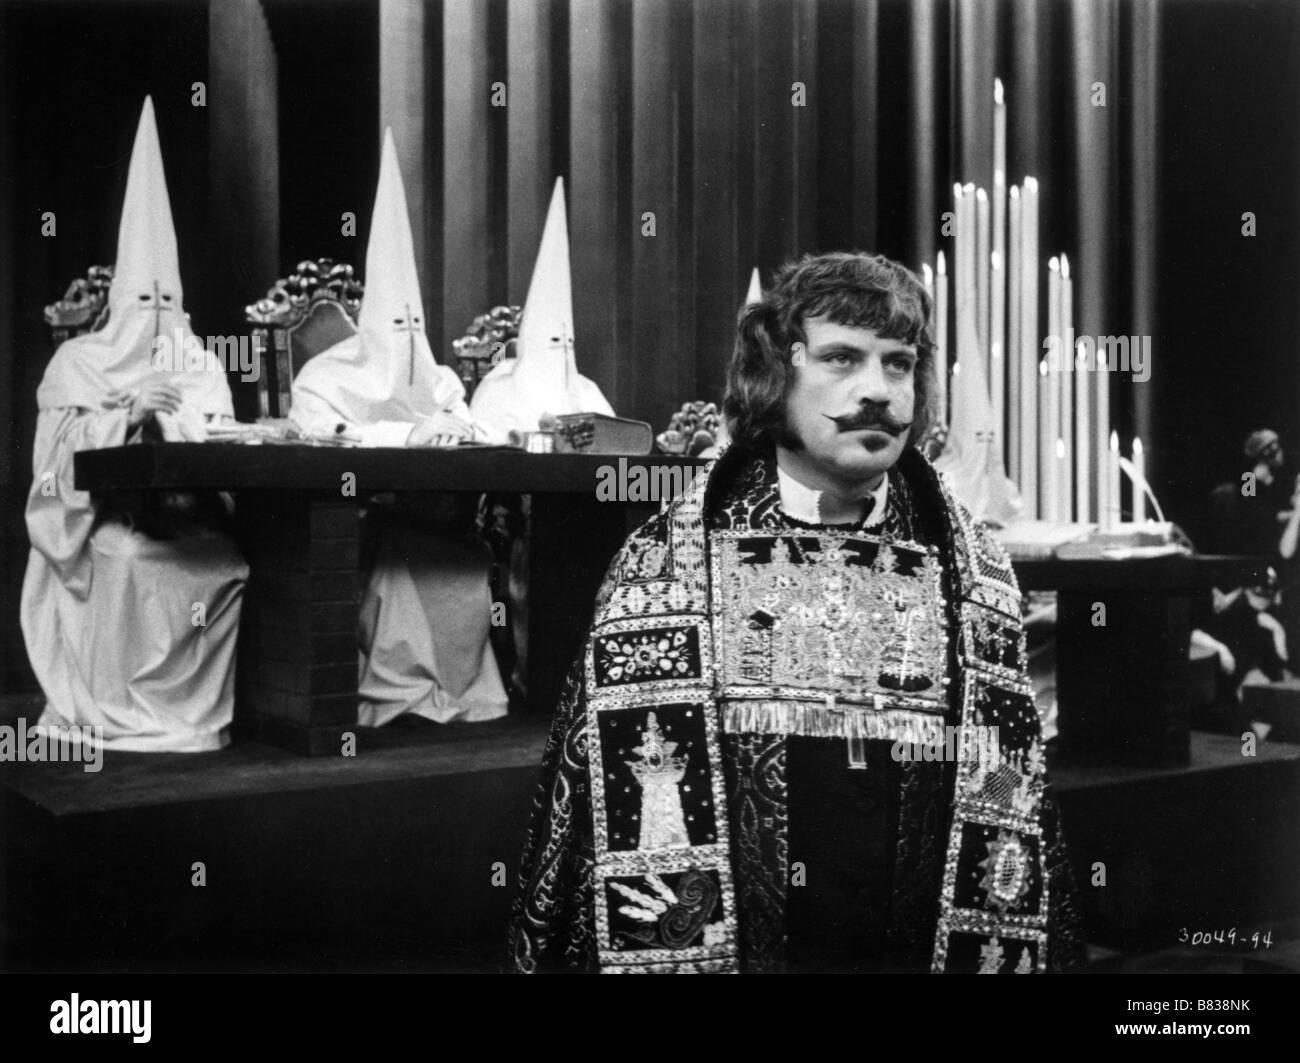 Ku Klux Klan Stock Photos & Ku Klux Klan Stock Images